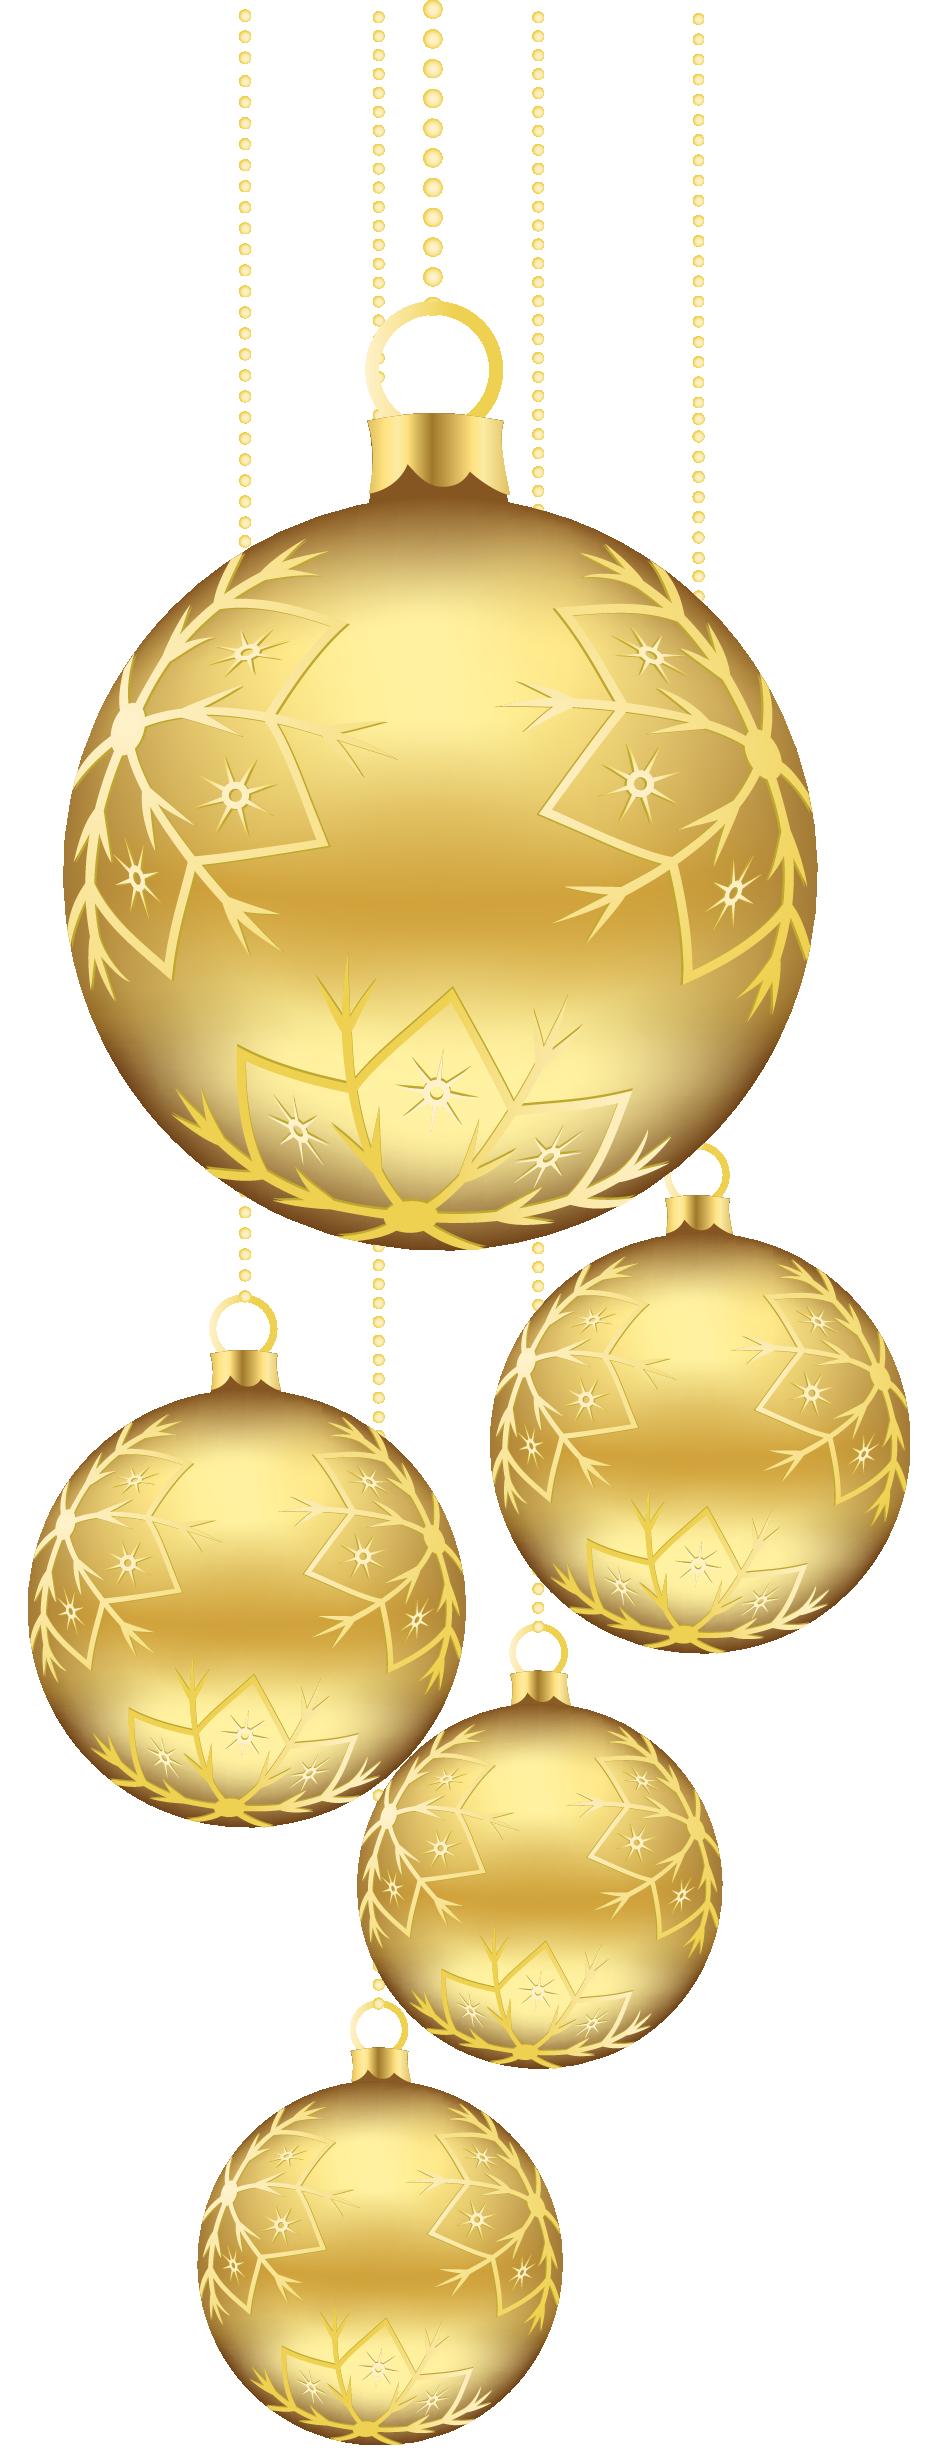 Golden Ball PNG Photo